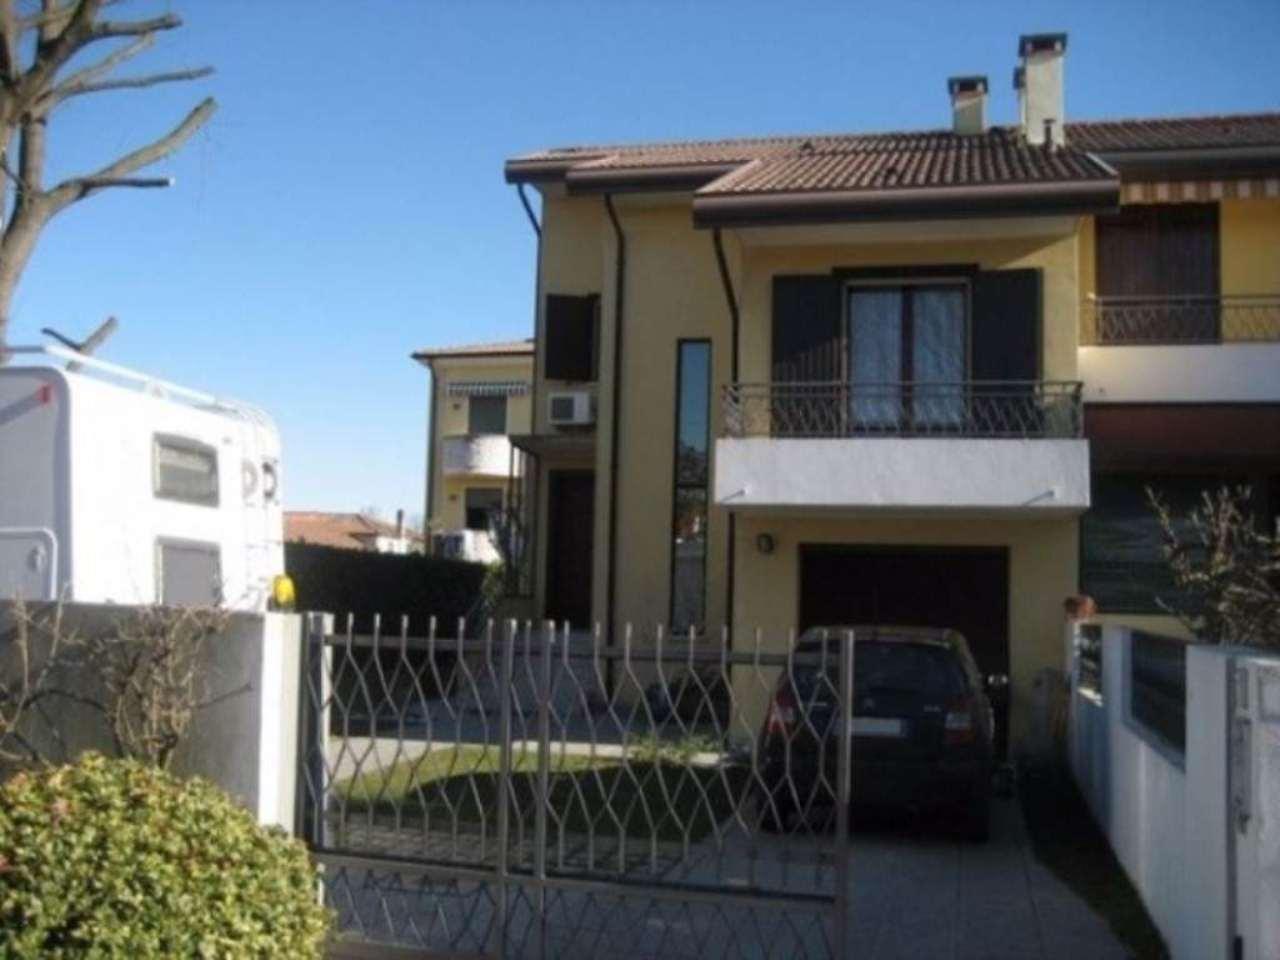 Villa in vendita a Dolo, 6 locali, prezzo € 230.000 | CambioCasa.it